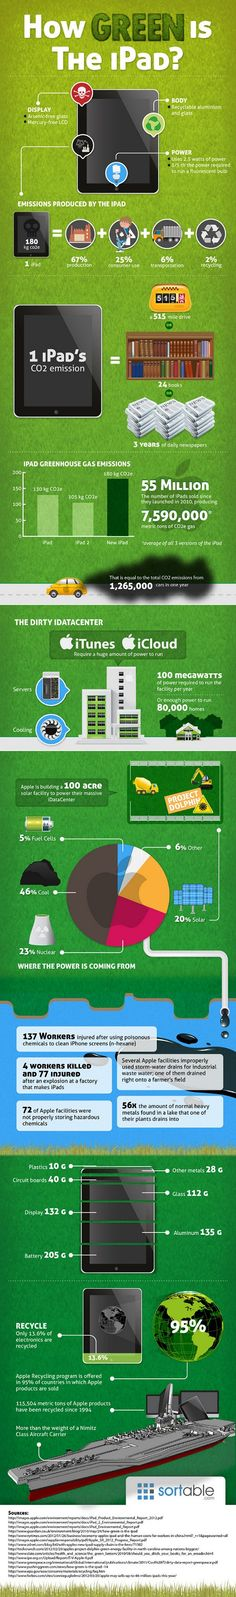 [infografia] Curiosa infografia sobre el impacto del iPad en el planeta.